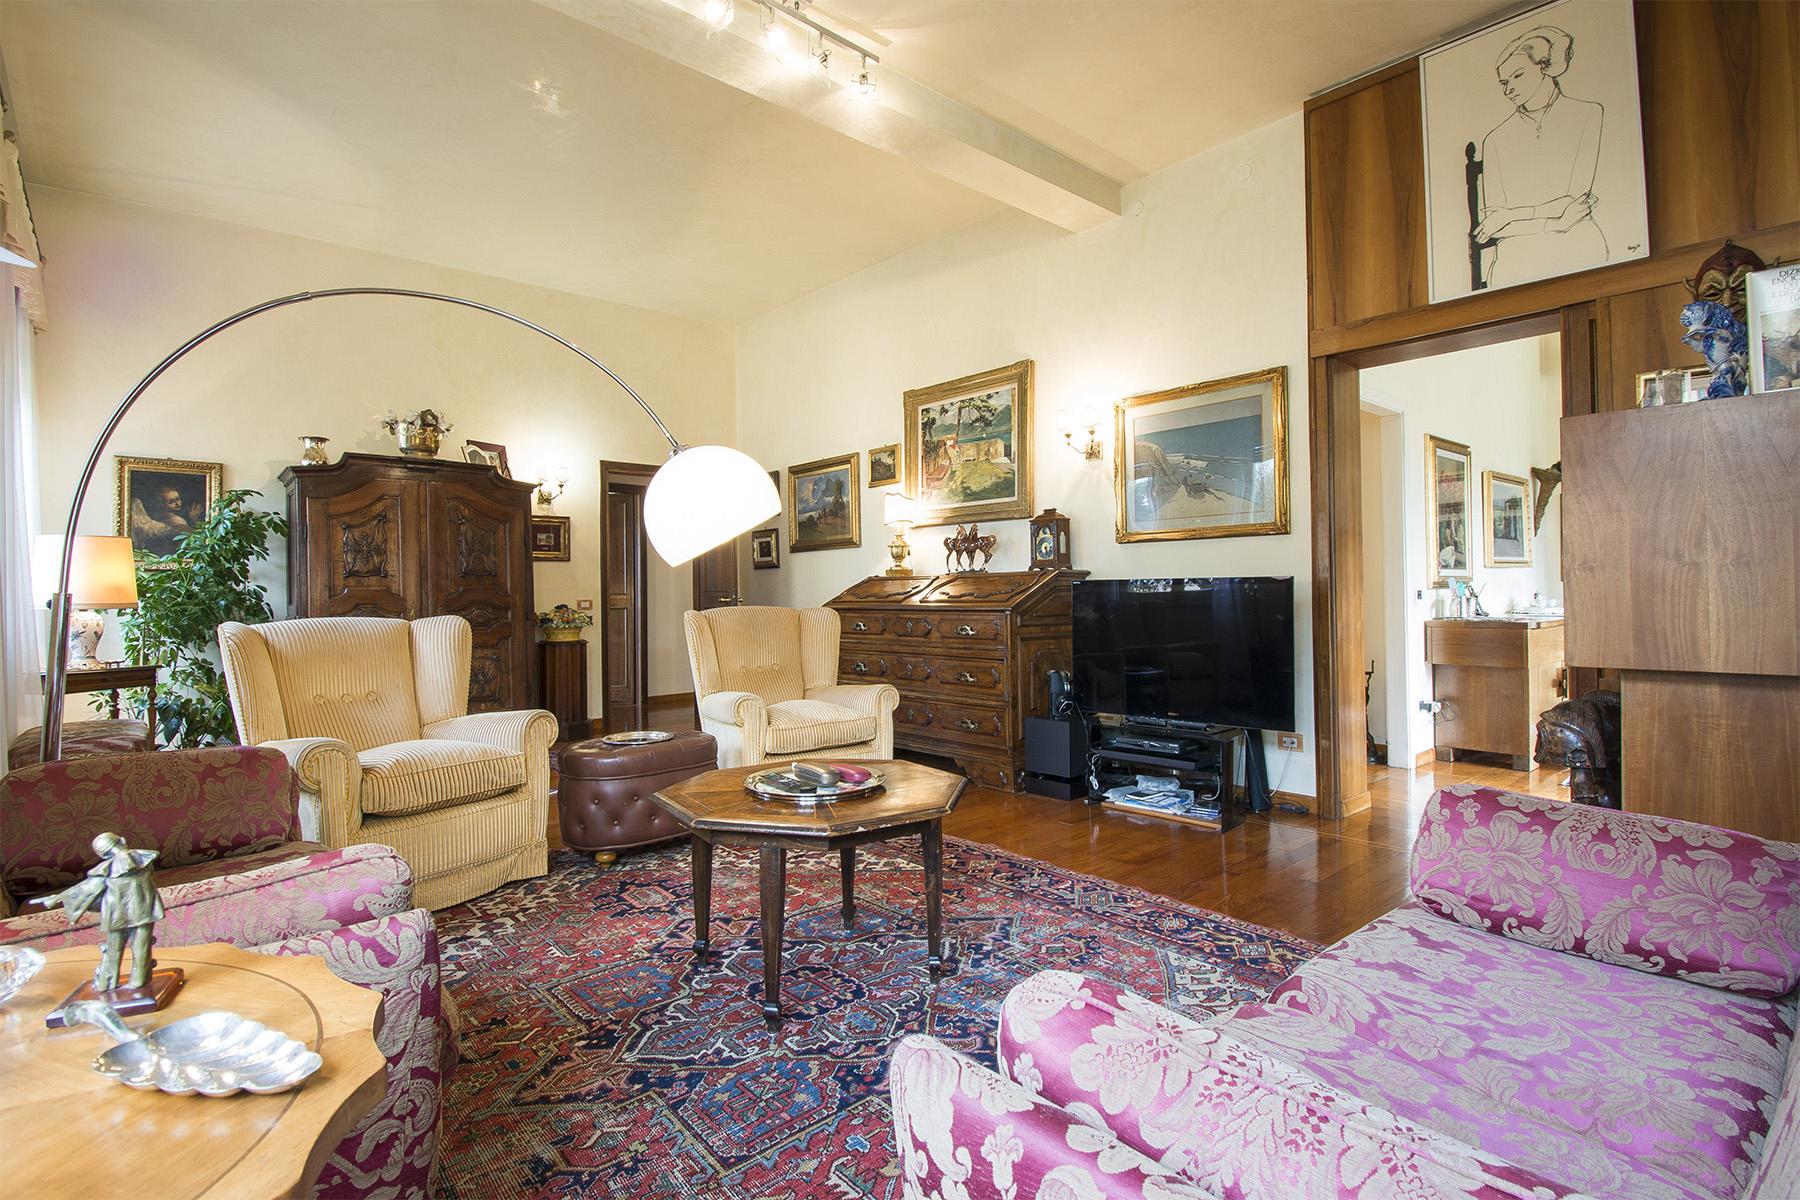 Villa in Vendita a Firenze: 5 locali, 364 mq - Foto 3